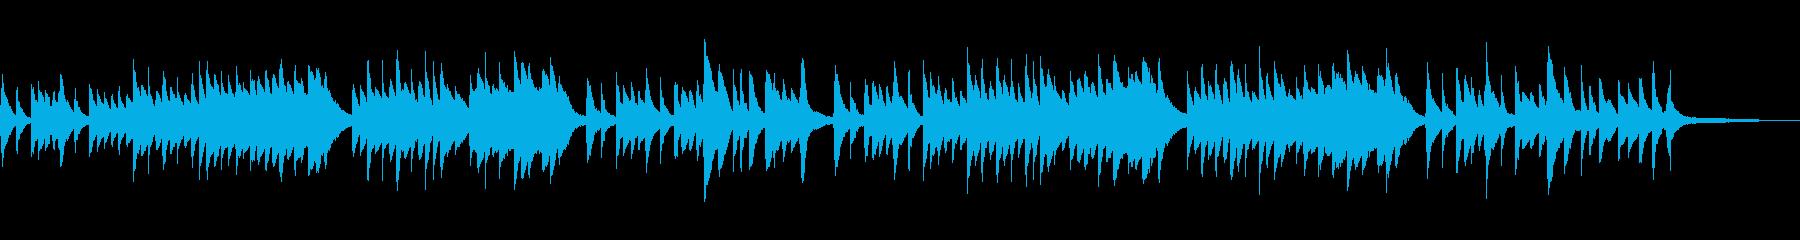 古歌「さくらさくら」シンプルなピアノソロの再生済みの波形